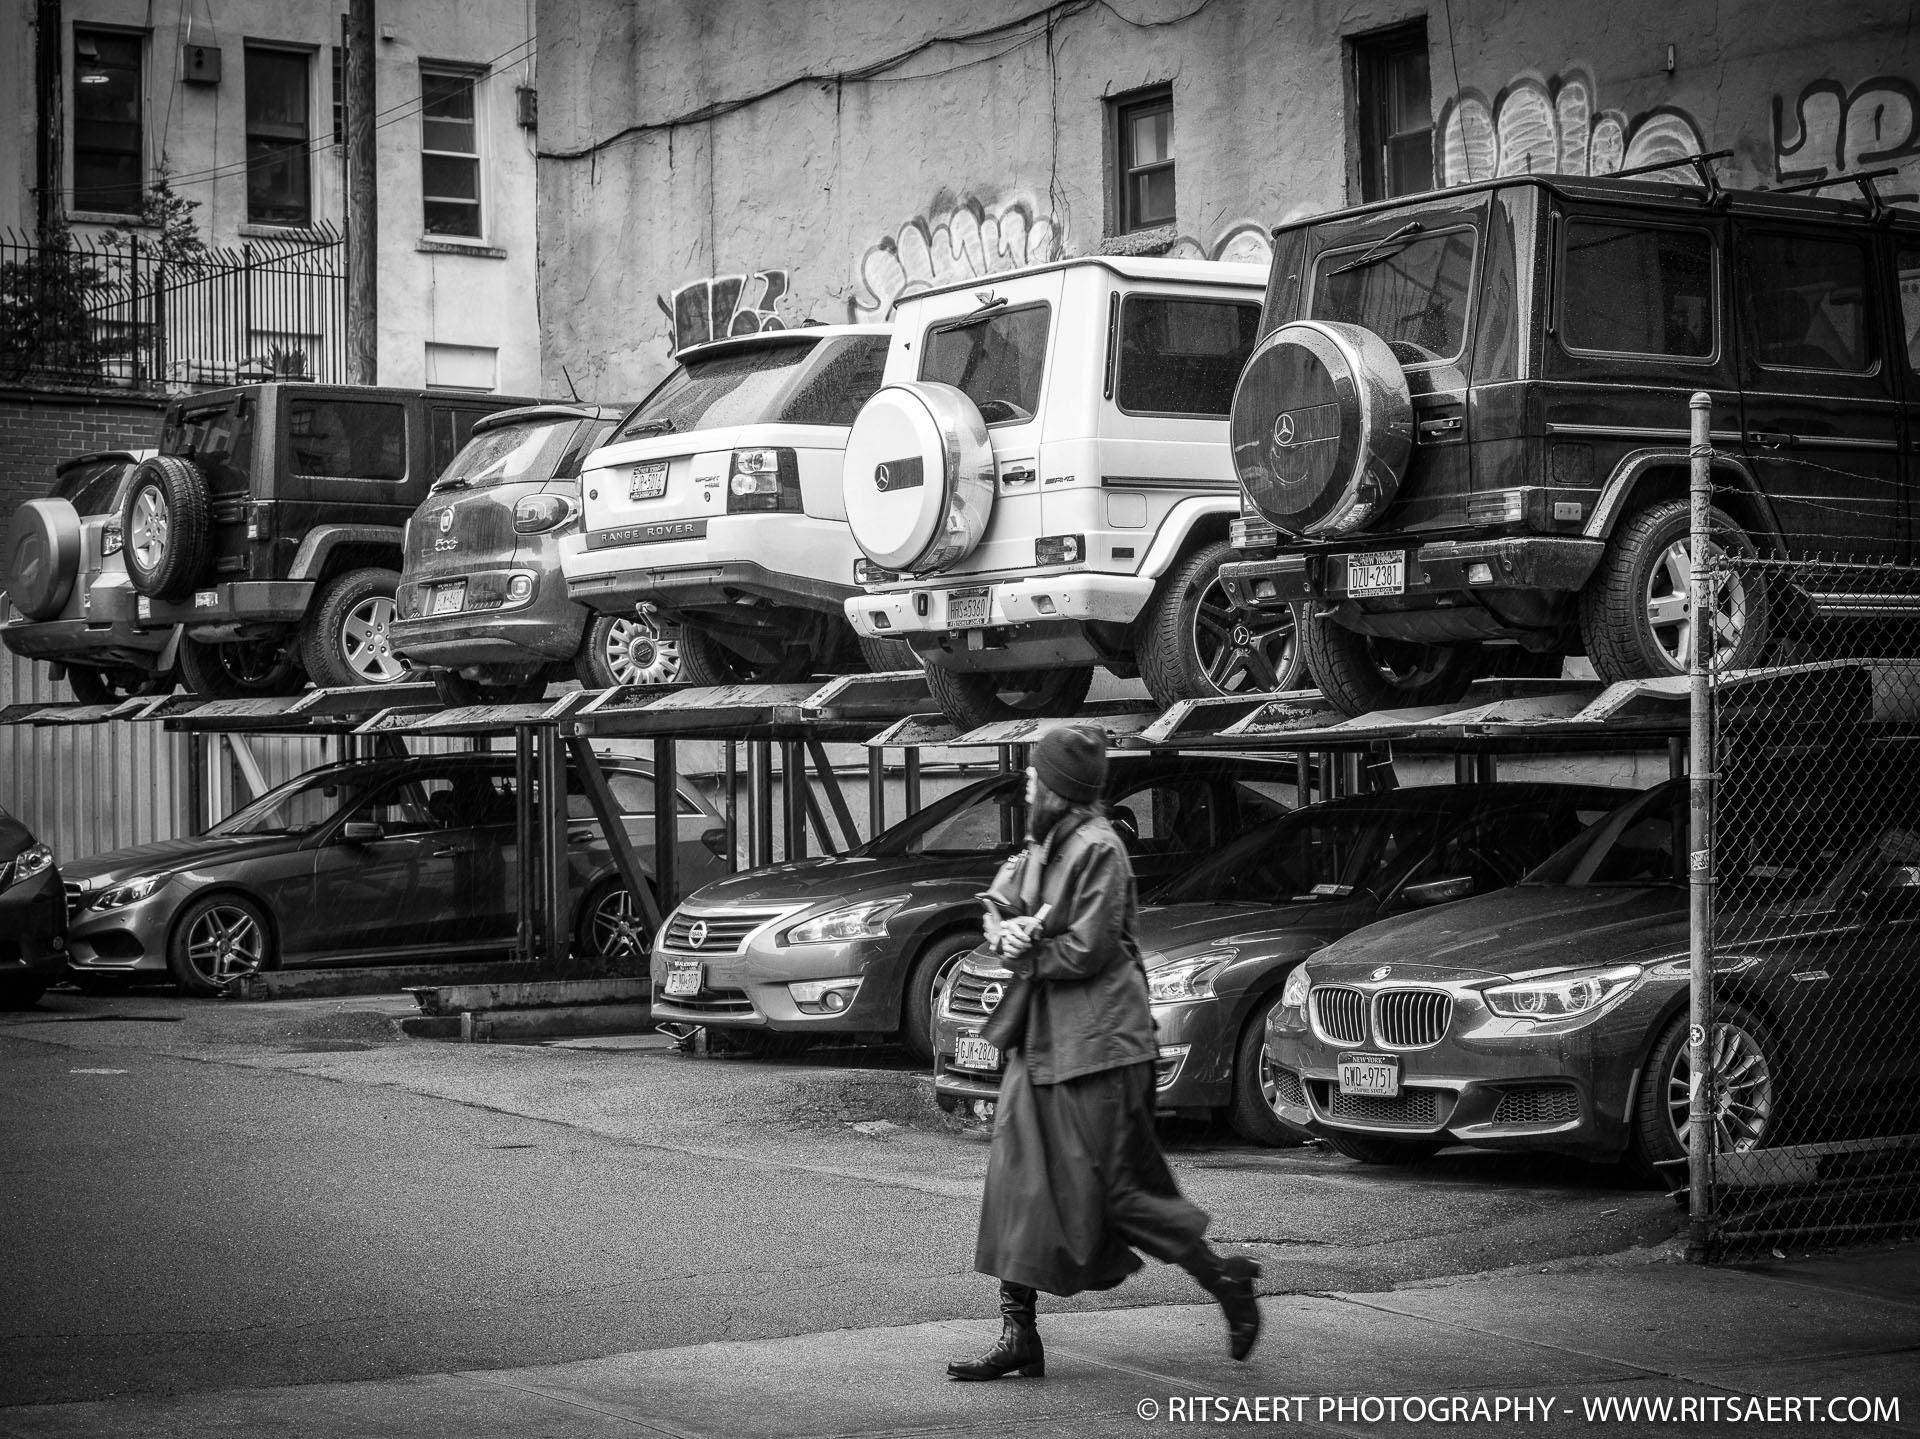 Carpark - New York - USA